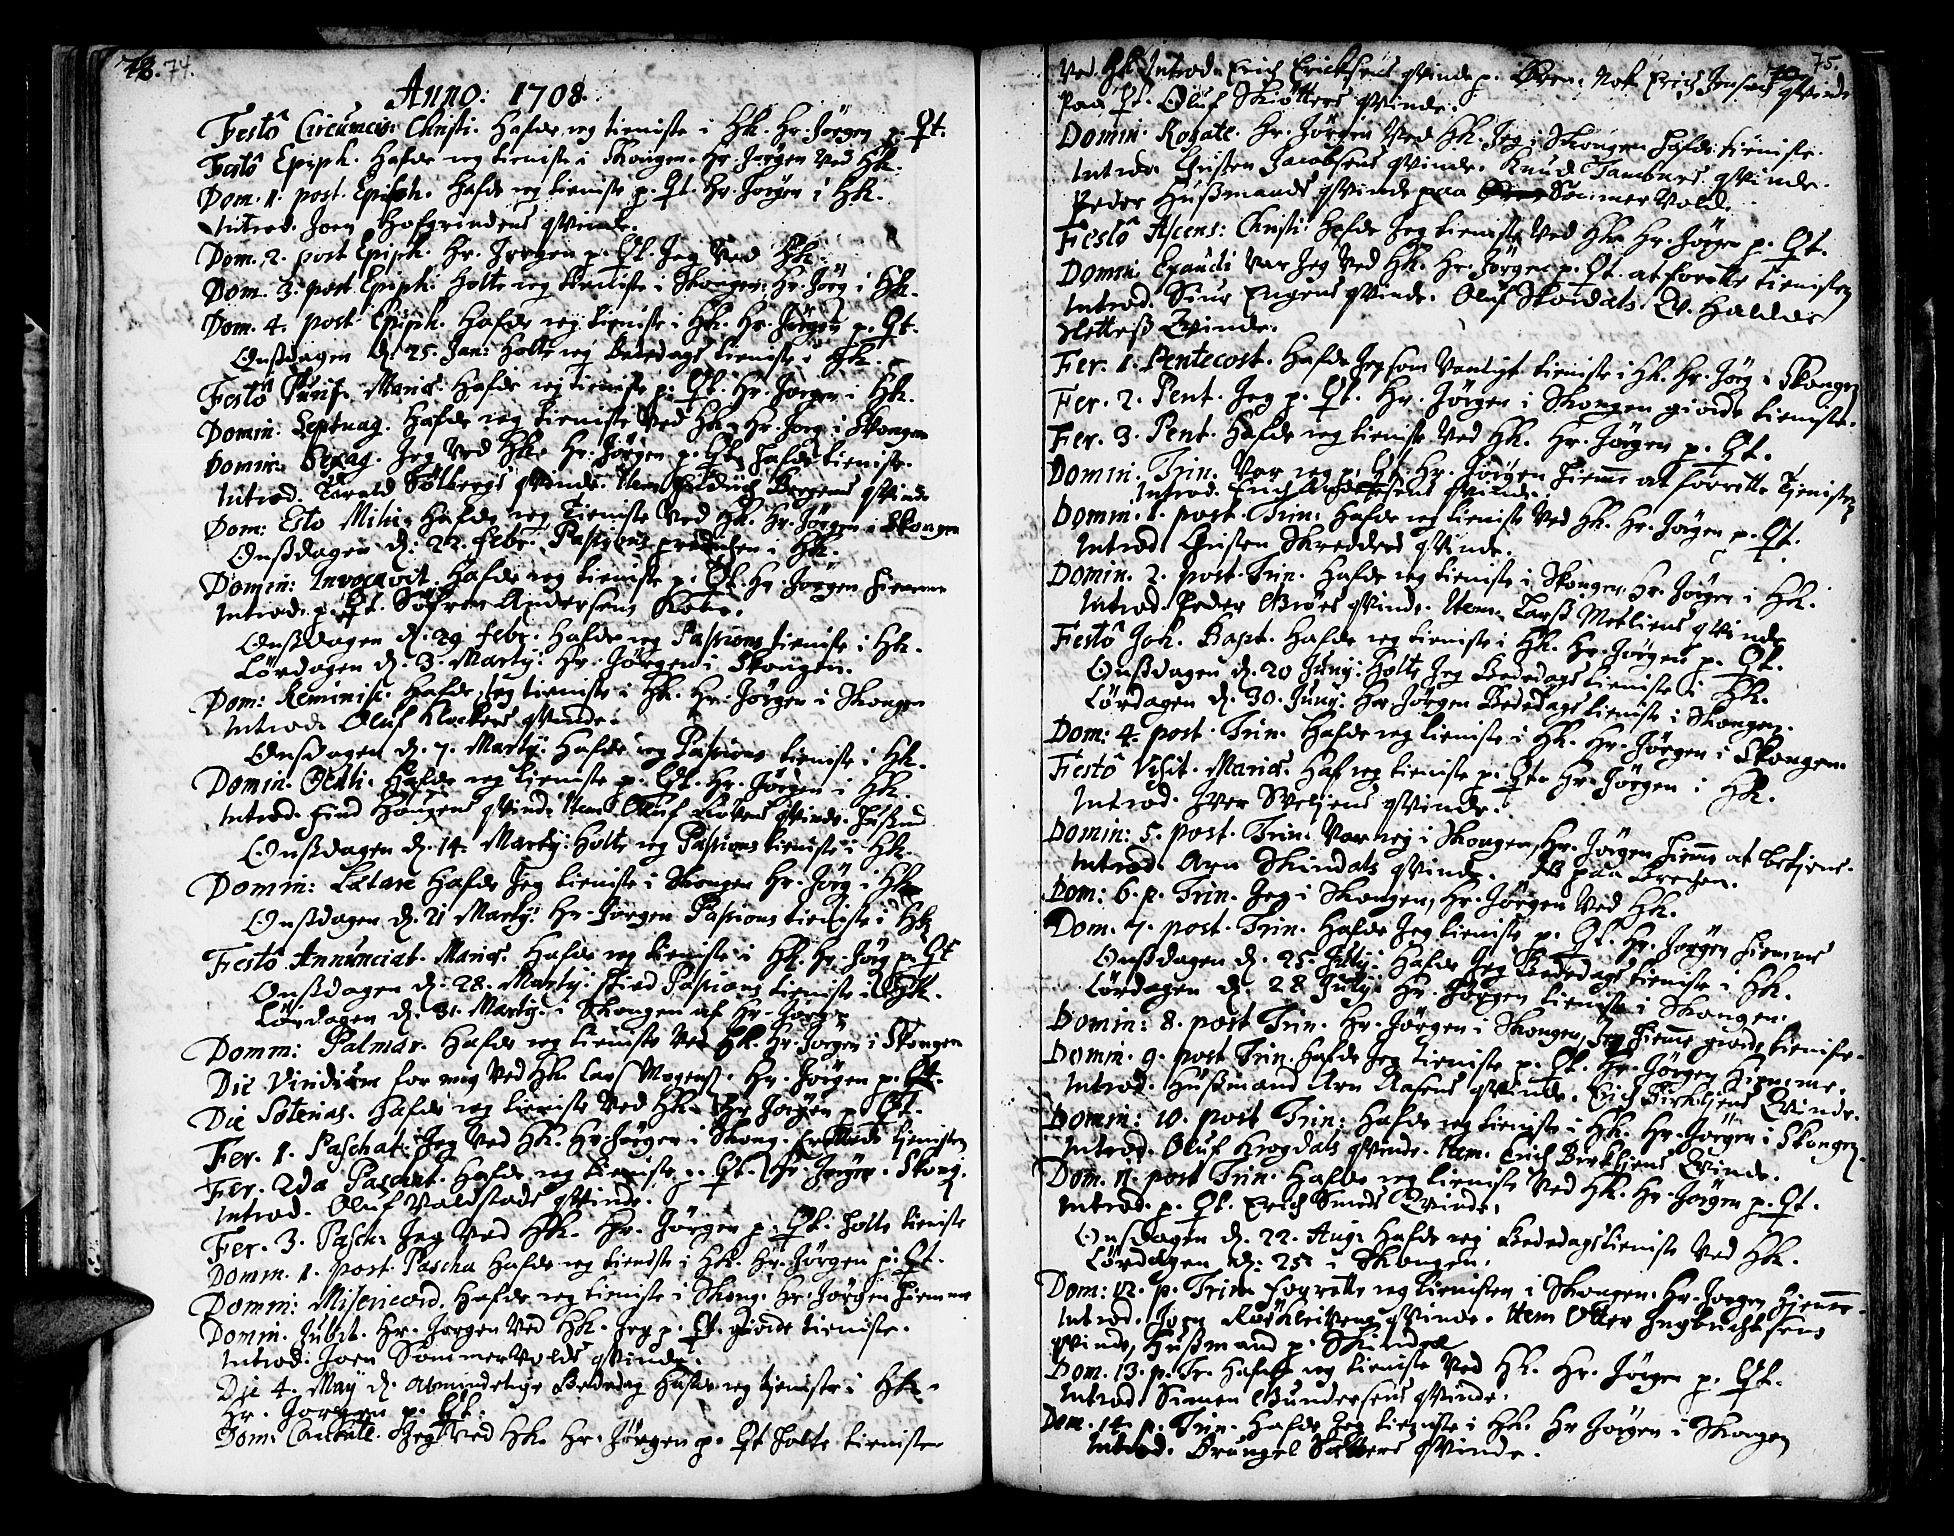 SAT, Ministerialprotokoller, klokkerbøker og fødselsregistre - Sør-Trøndelag, 668/L0801: Ministerialbok nr. 668A01, 1695-1716, s. 74-75